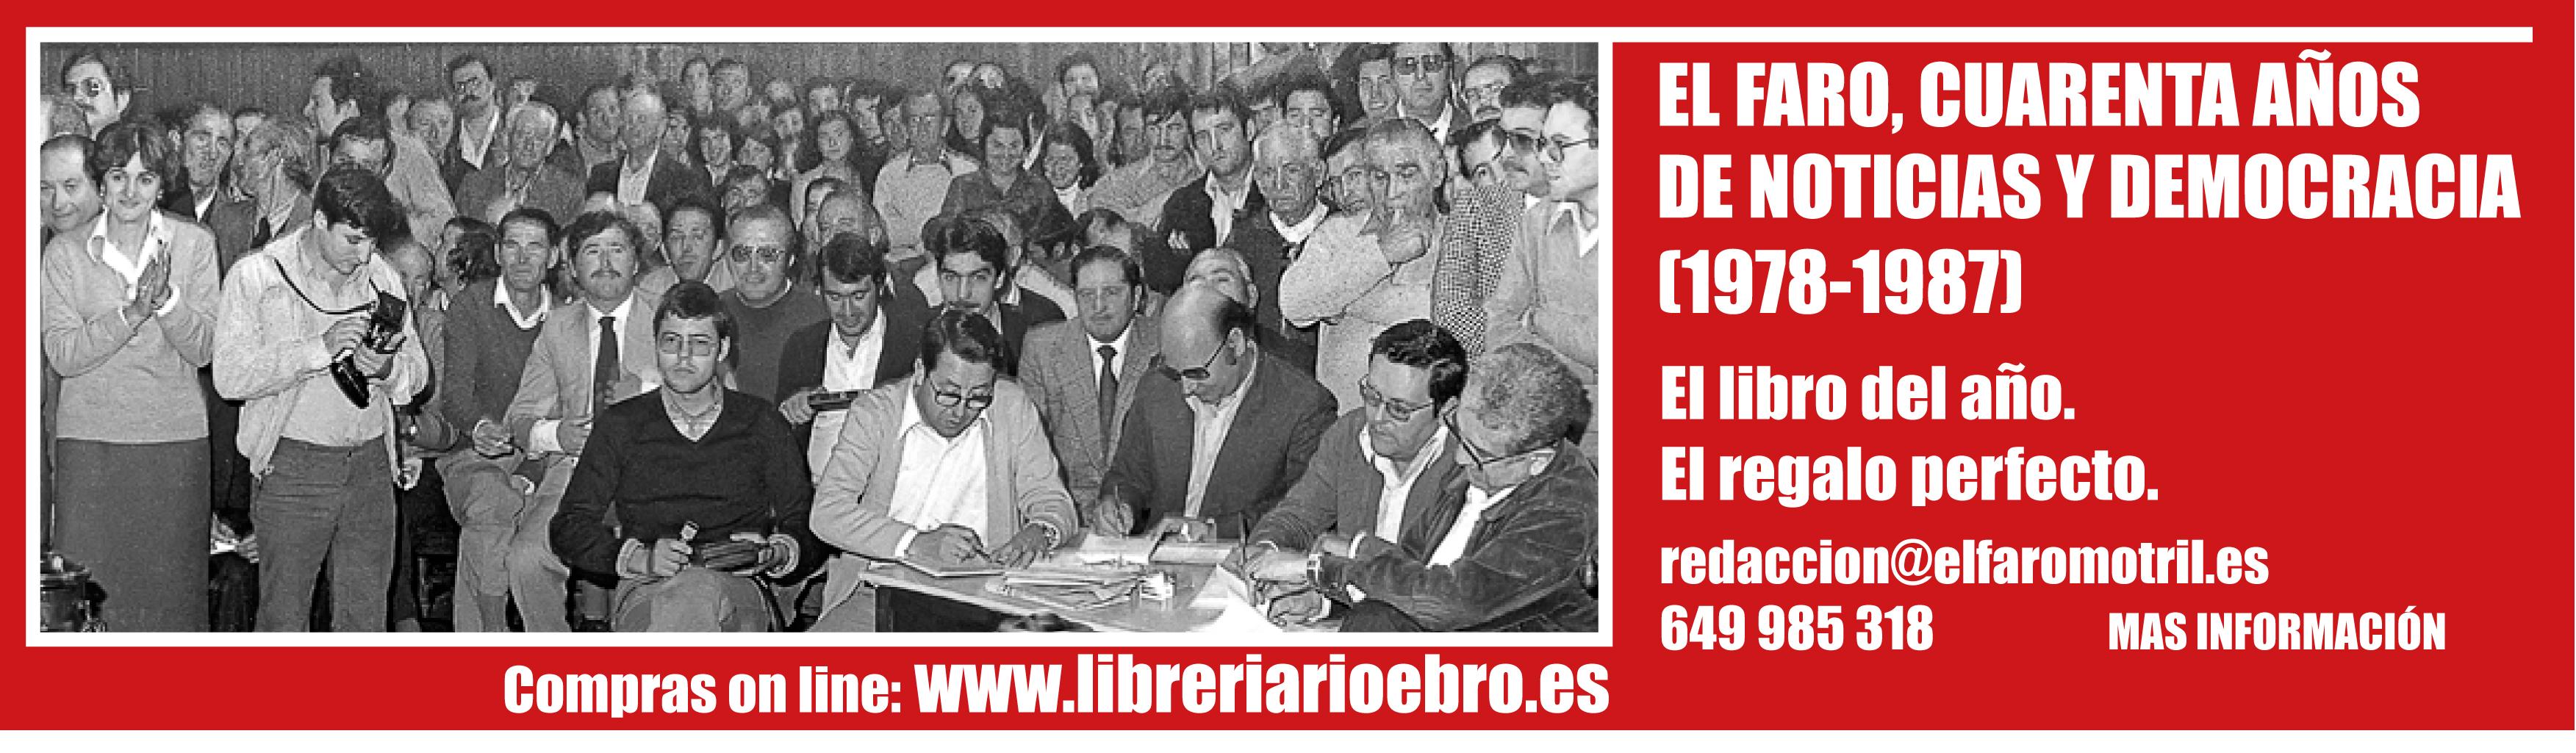 LIBRO EL FARO